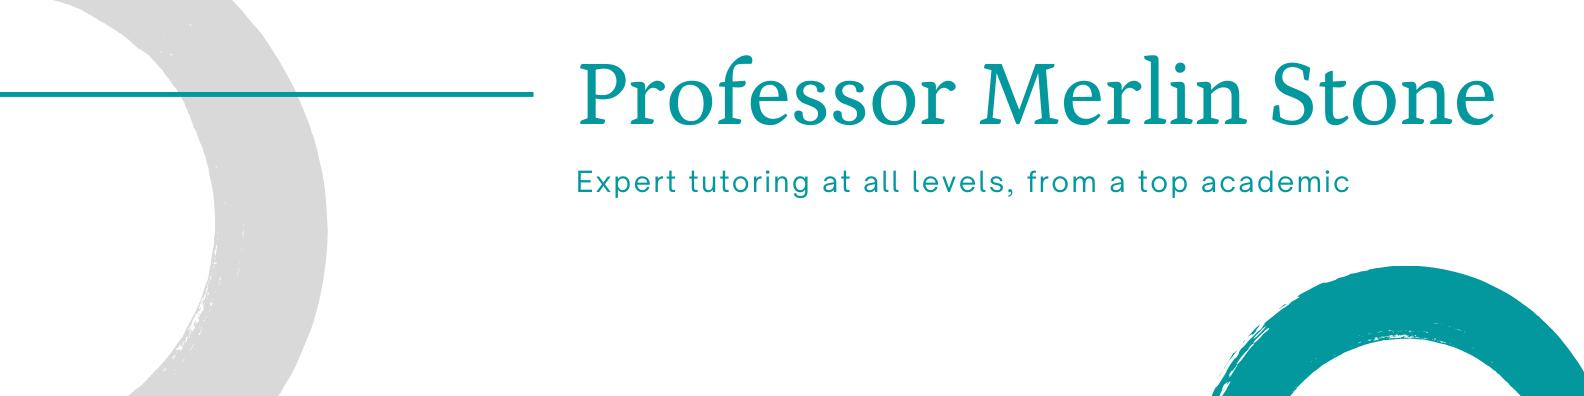 Professor Merlin Stone - Expert tutor